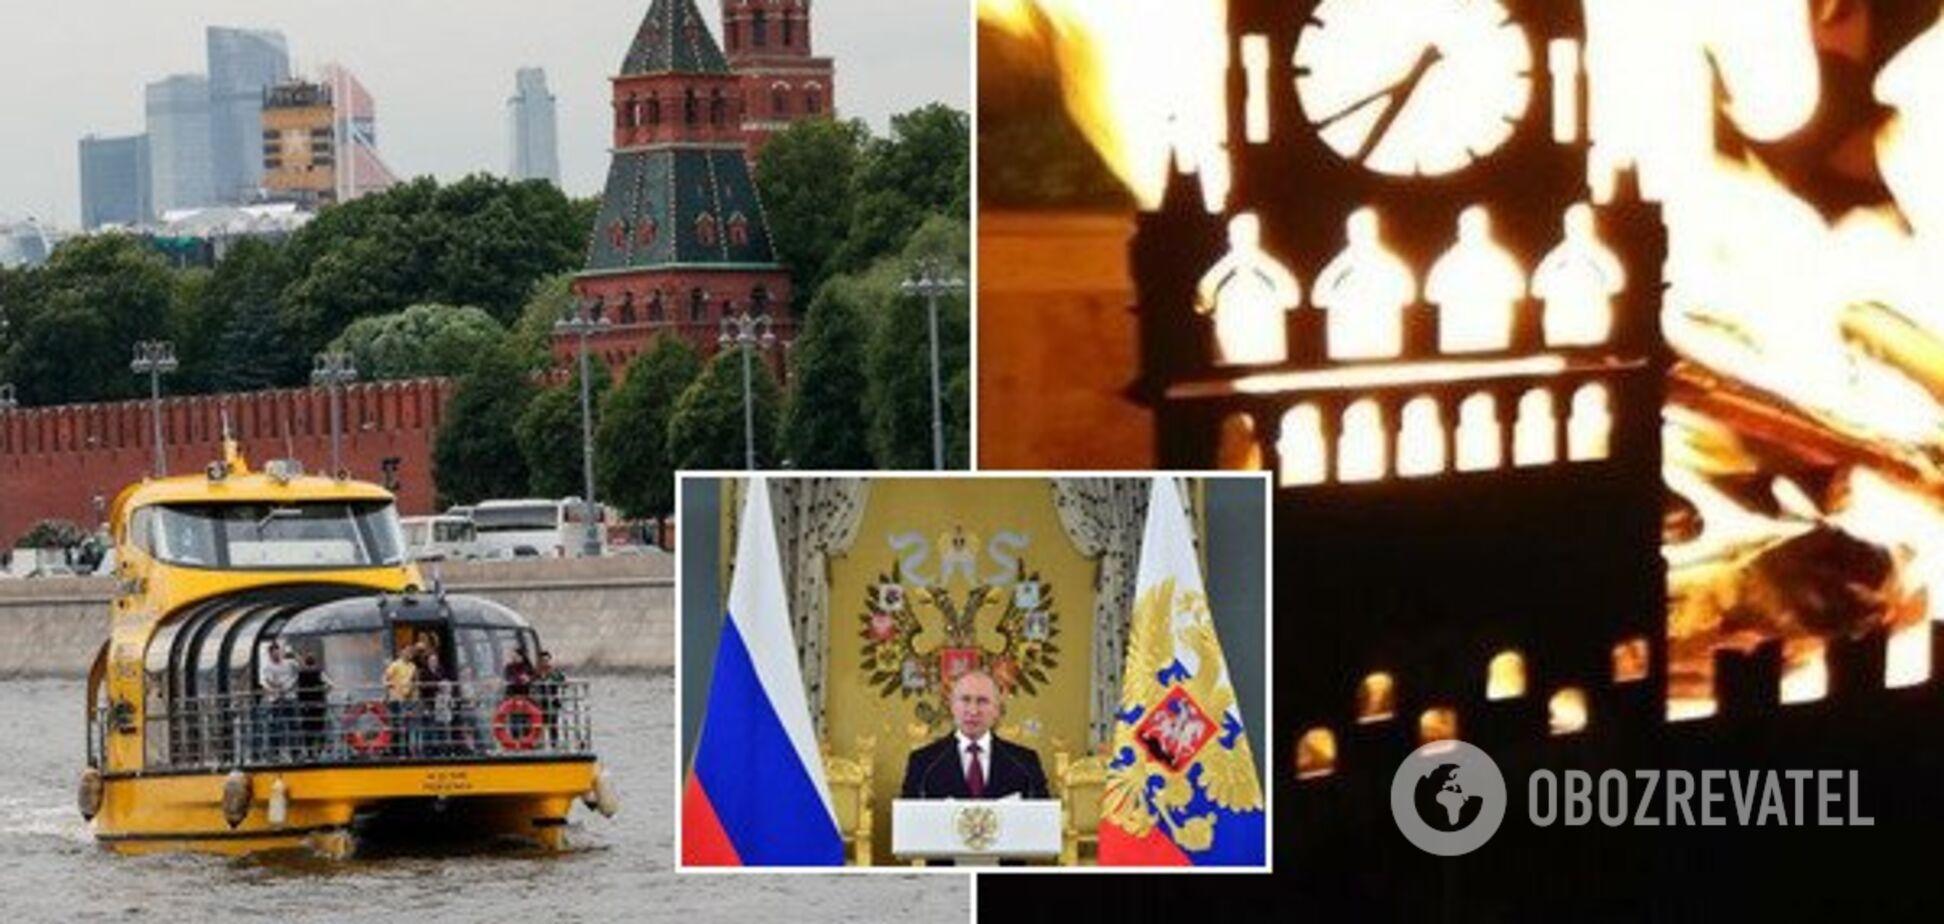 Влада в Росії згниє заживо. Смердітиме довго і дуже неприємно — російський музикант